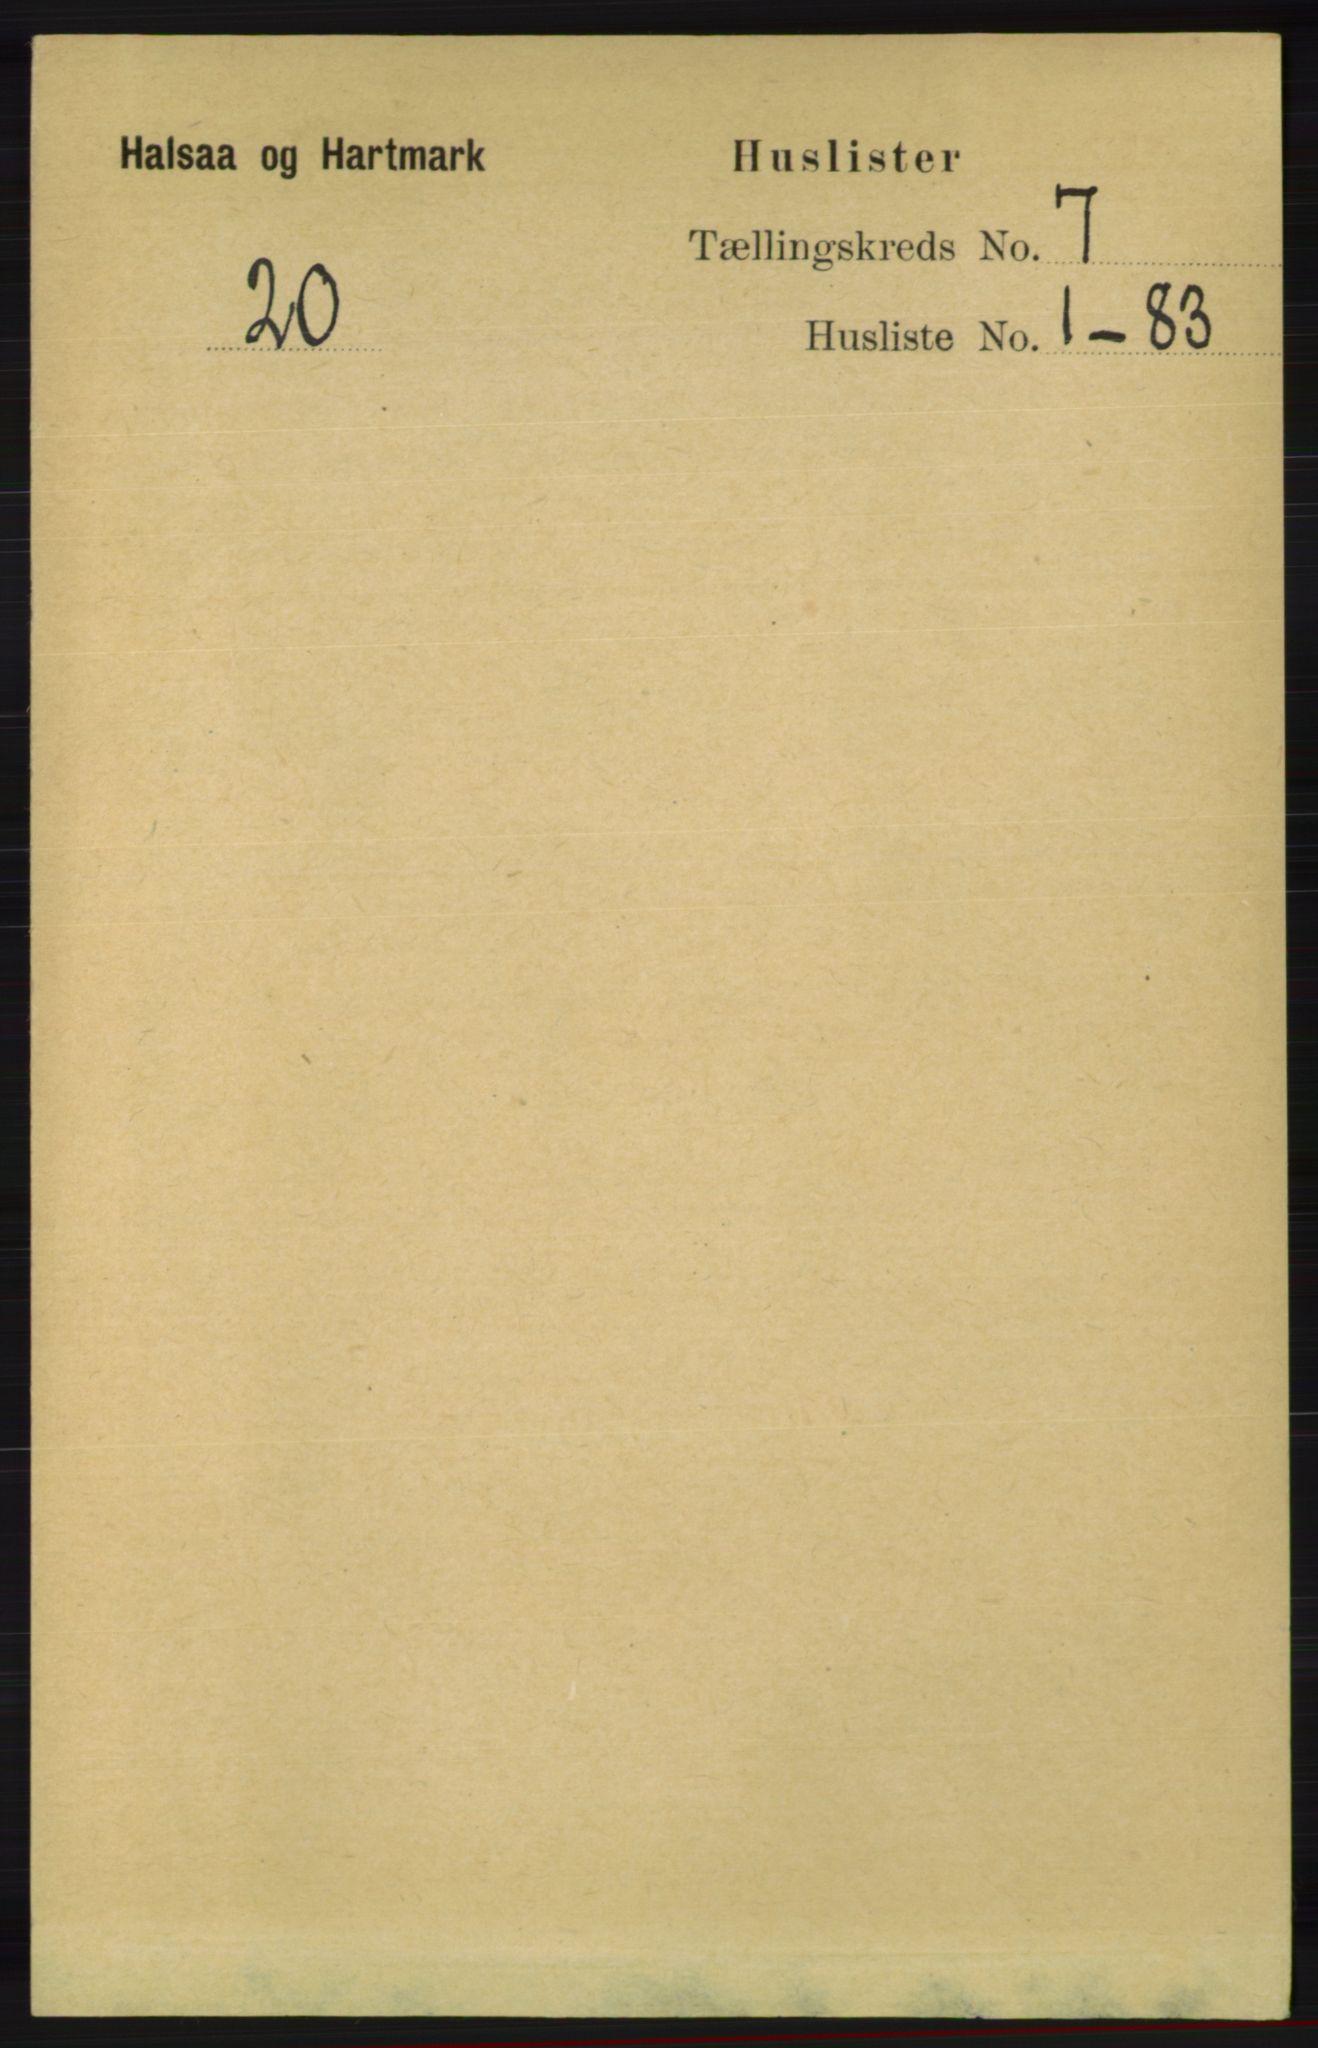 RA, Folketelling 1891 for 1019 Halse og Harkmark herred, 1891, s. 2654